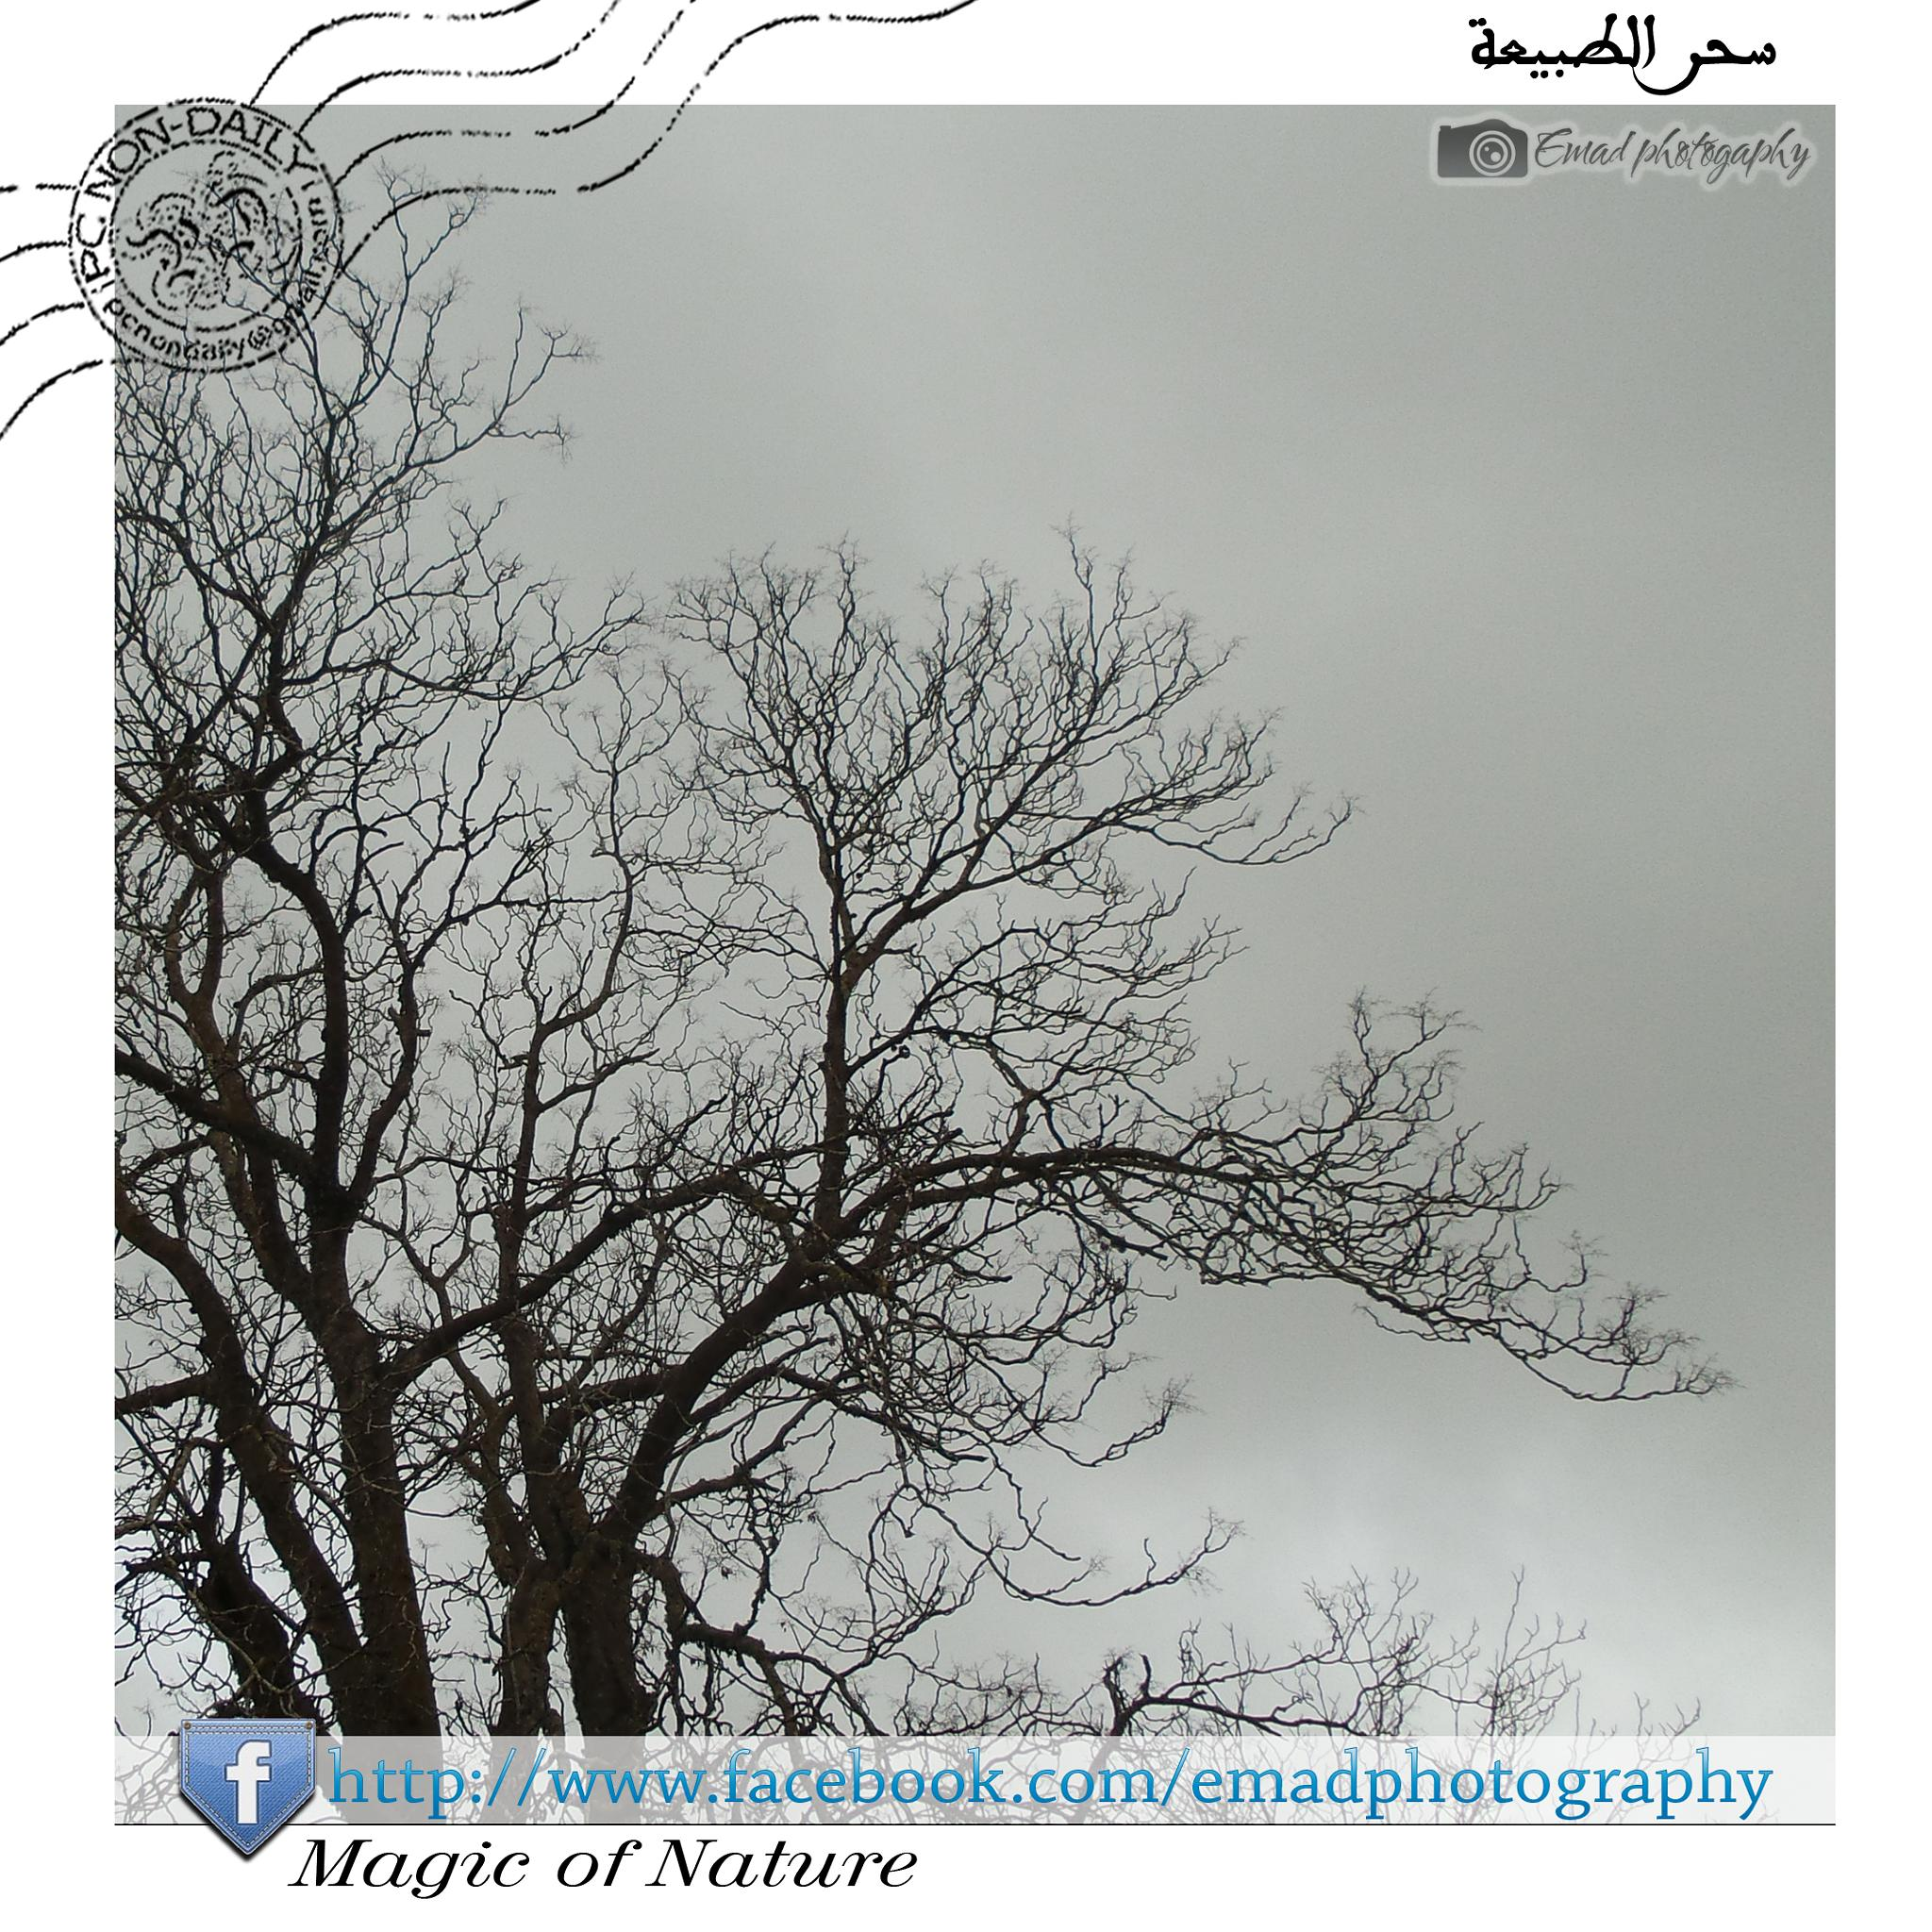 magic of nature by jbalario عماد الجبالي